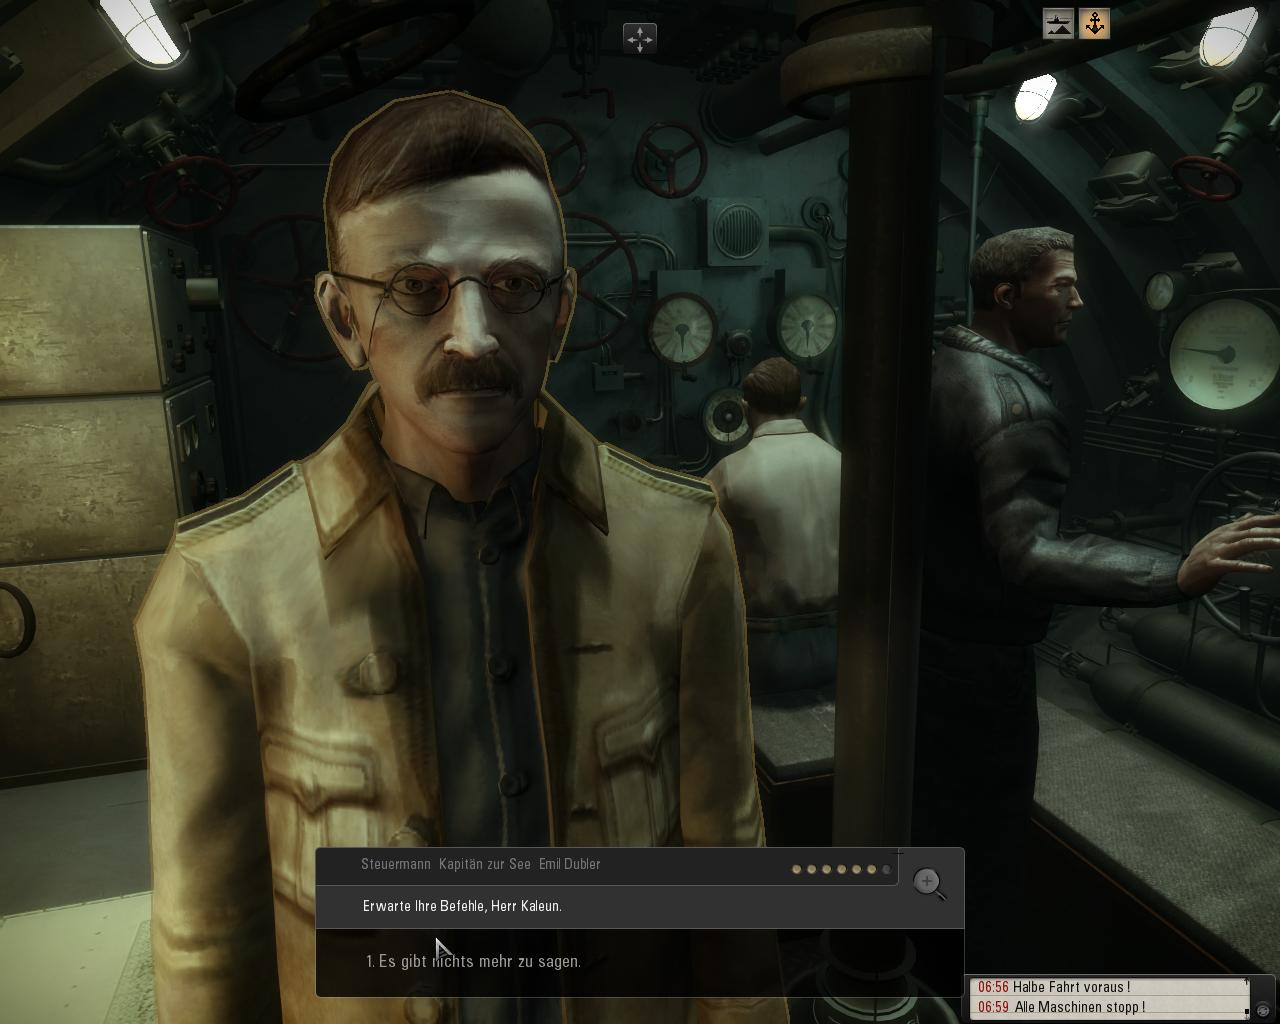 Spieletest: Silent Hunter 5 - spielerische Untiefen - Dialog mit einem Kameraden im U-Boot